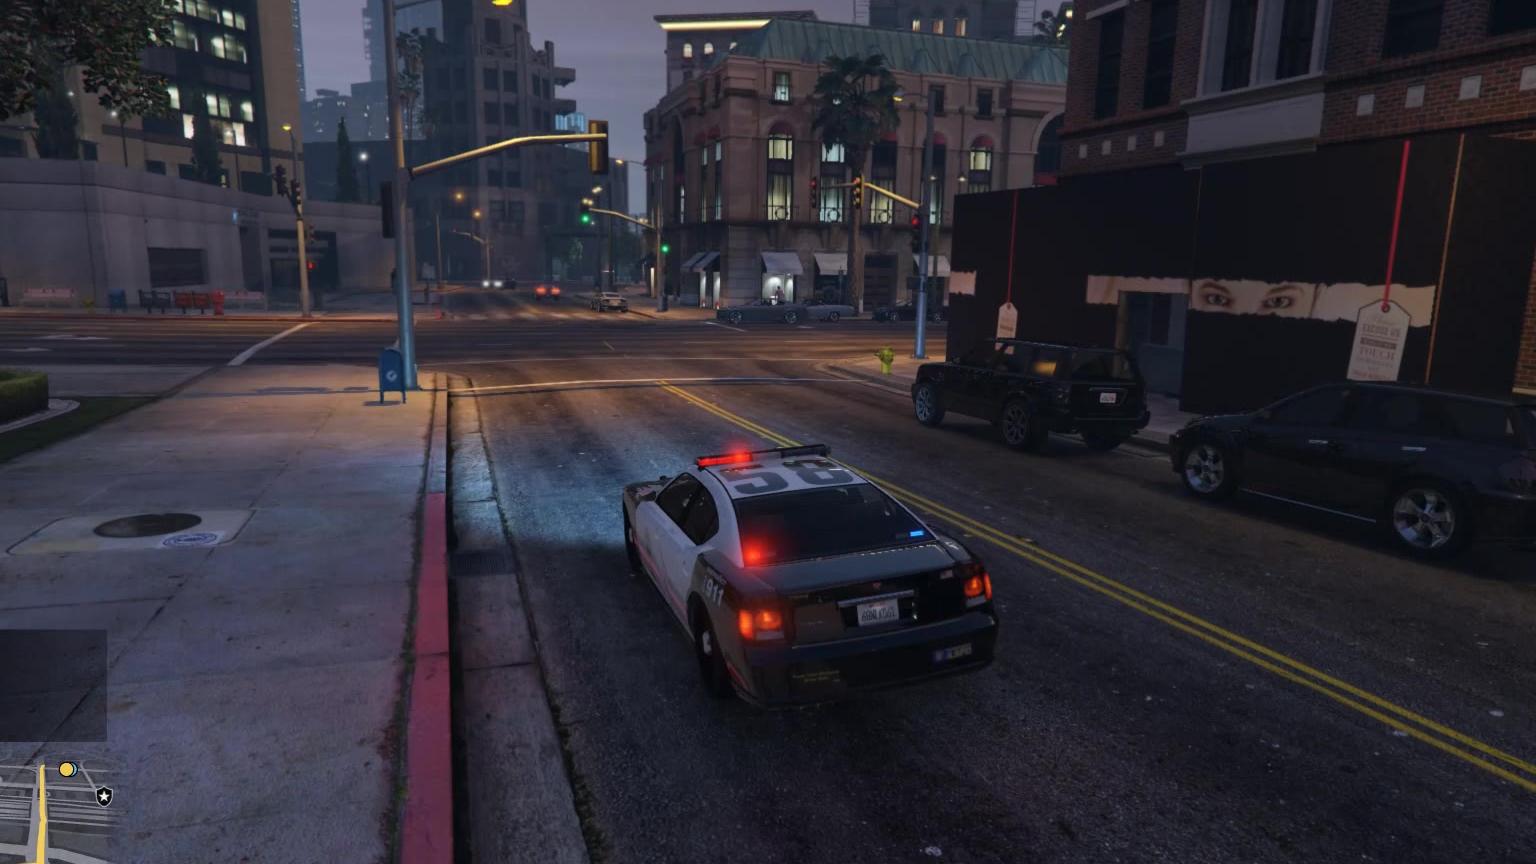 接警称小首尔发生抢劫案